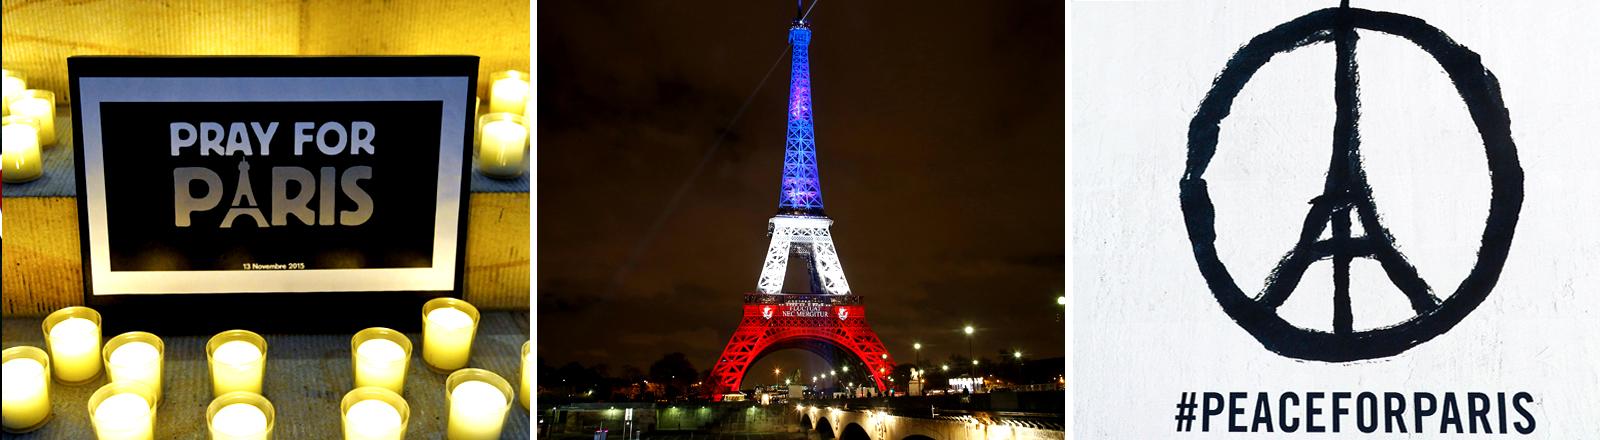 """Collage: links ein Schild mit """"Pray for Paris"""", in der Mitte der in den französischen Nationalfarben angestrahlte Eiffelturm und rechts ein Peacezeichen mit Eiffelturm und der Aufschrift #peaceforparis"""